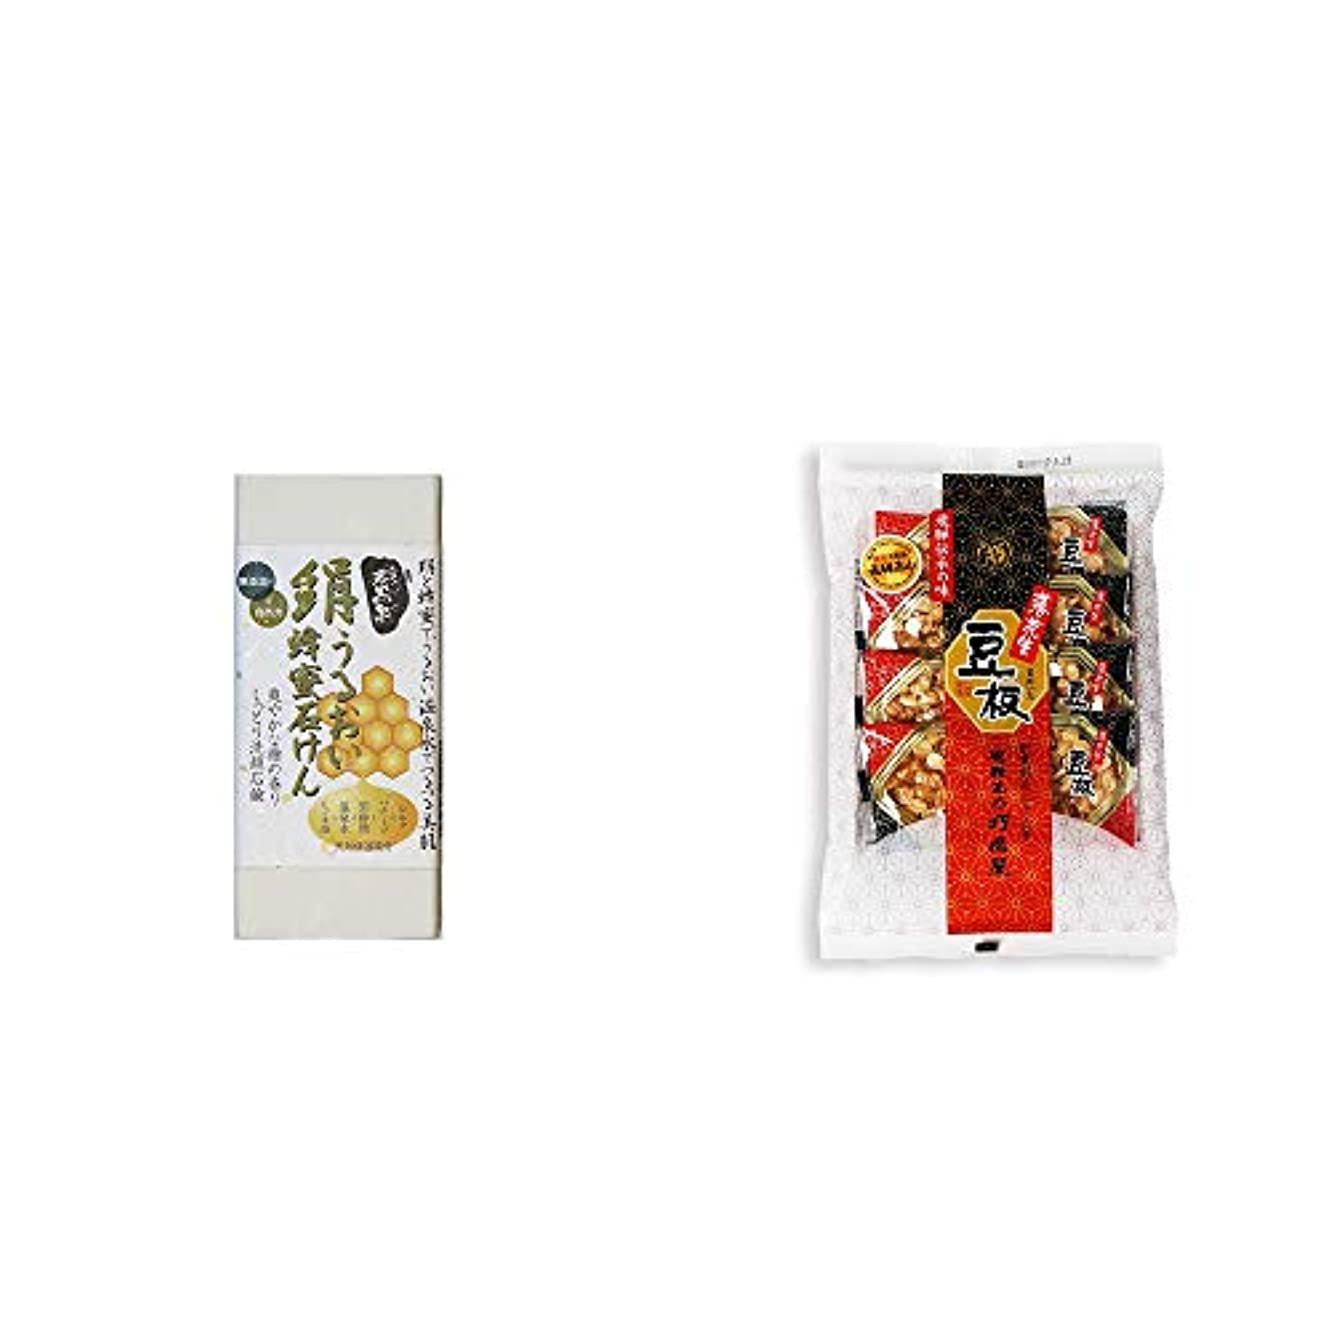 見分ける価値違う[2点セット] ひのき炭黒泉 絹うるおい蜂蜜石けん(75g×2)?飛騨銘菓「打保屋」の駄菓子 豆板(8枚入)